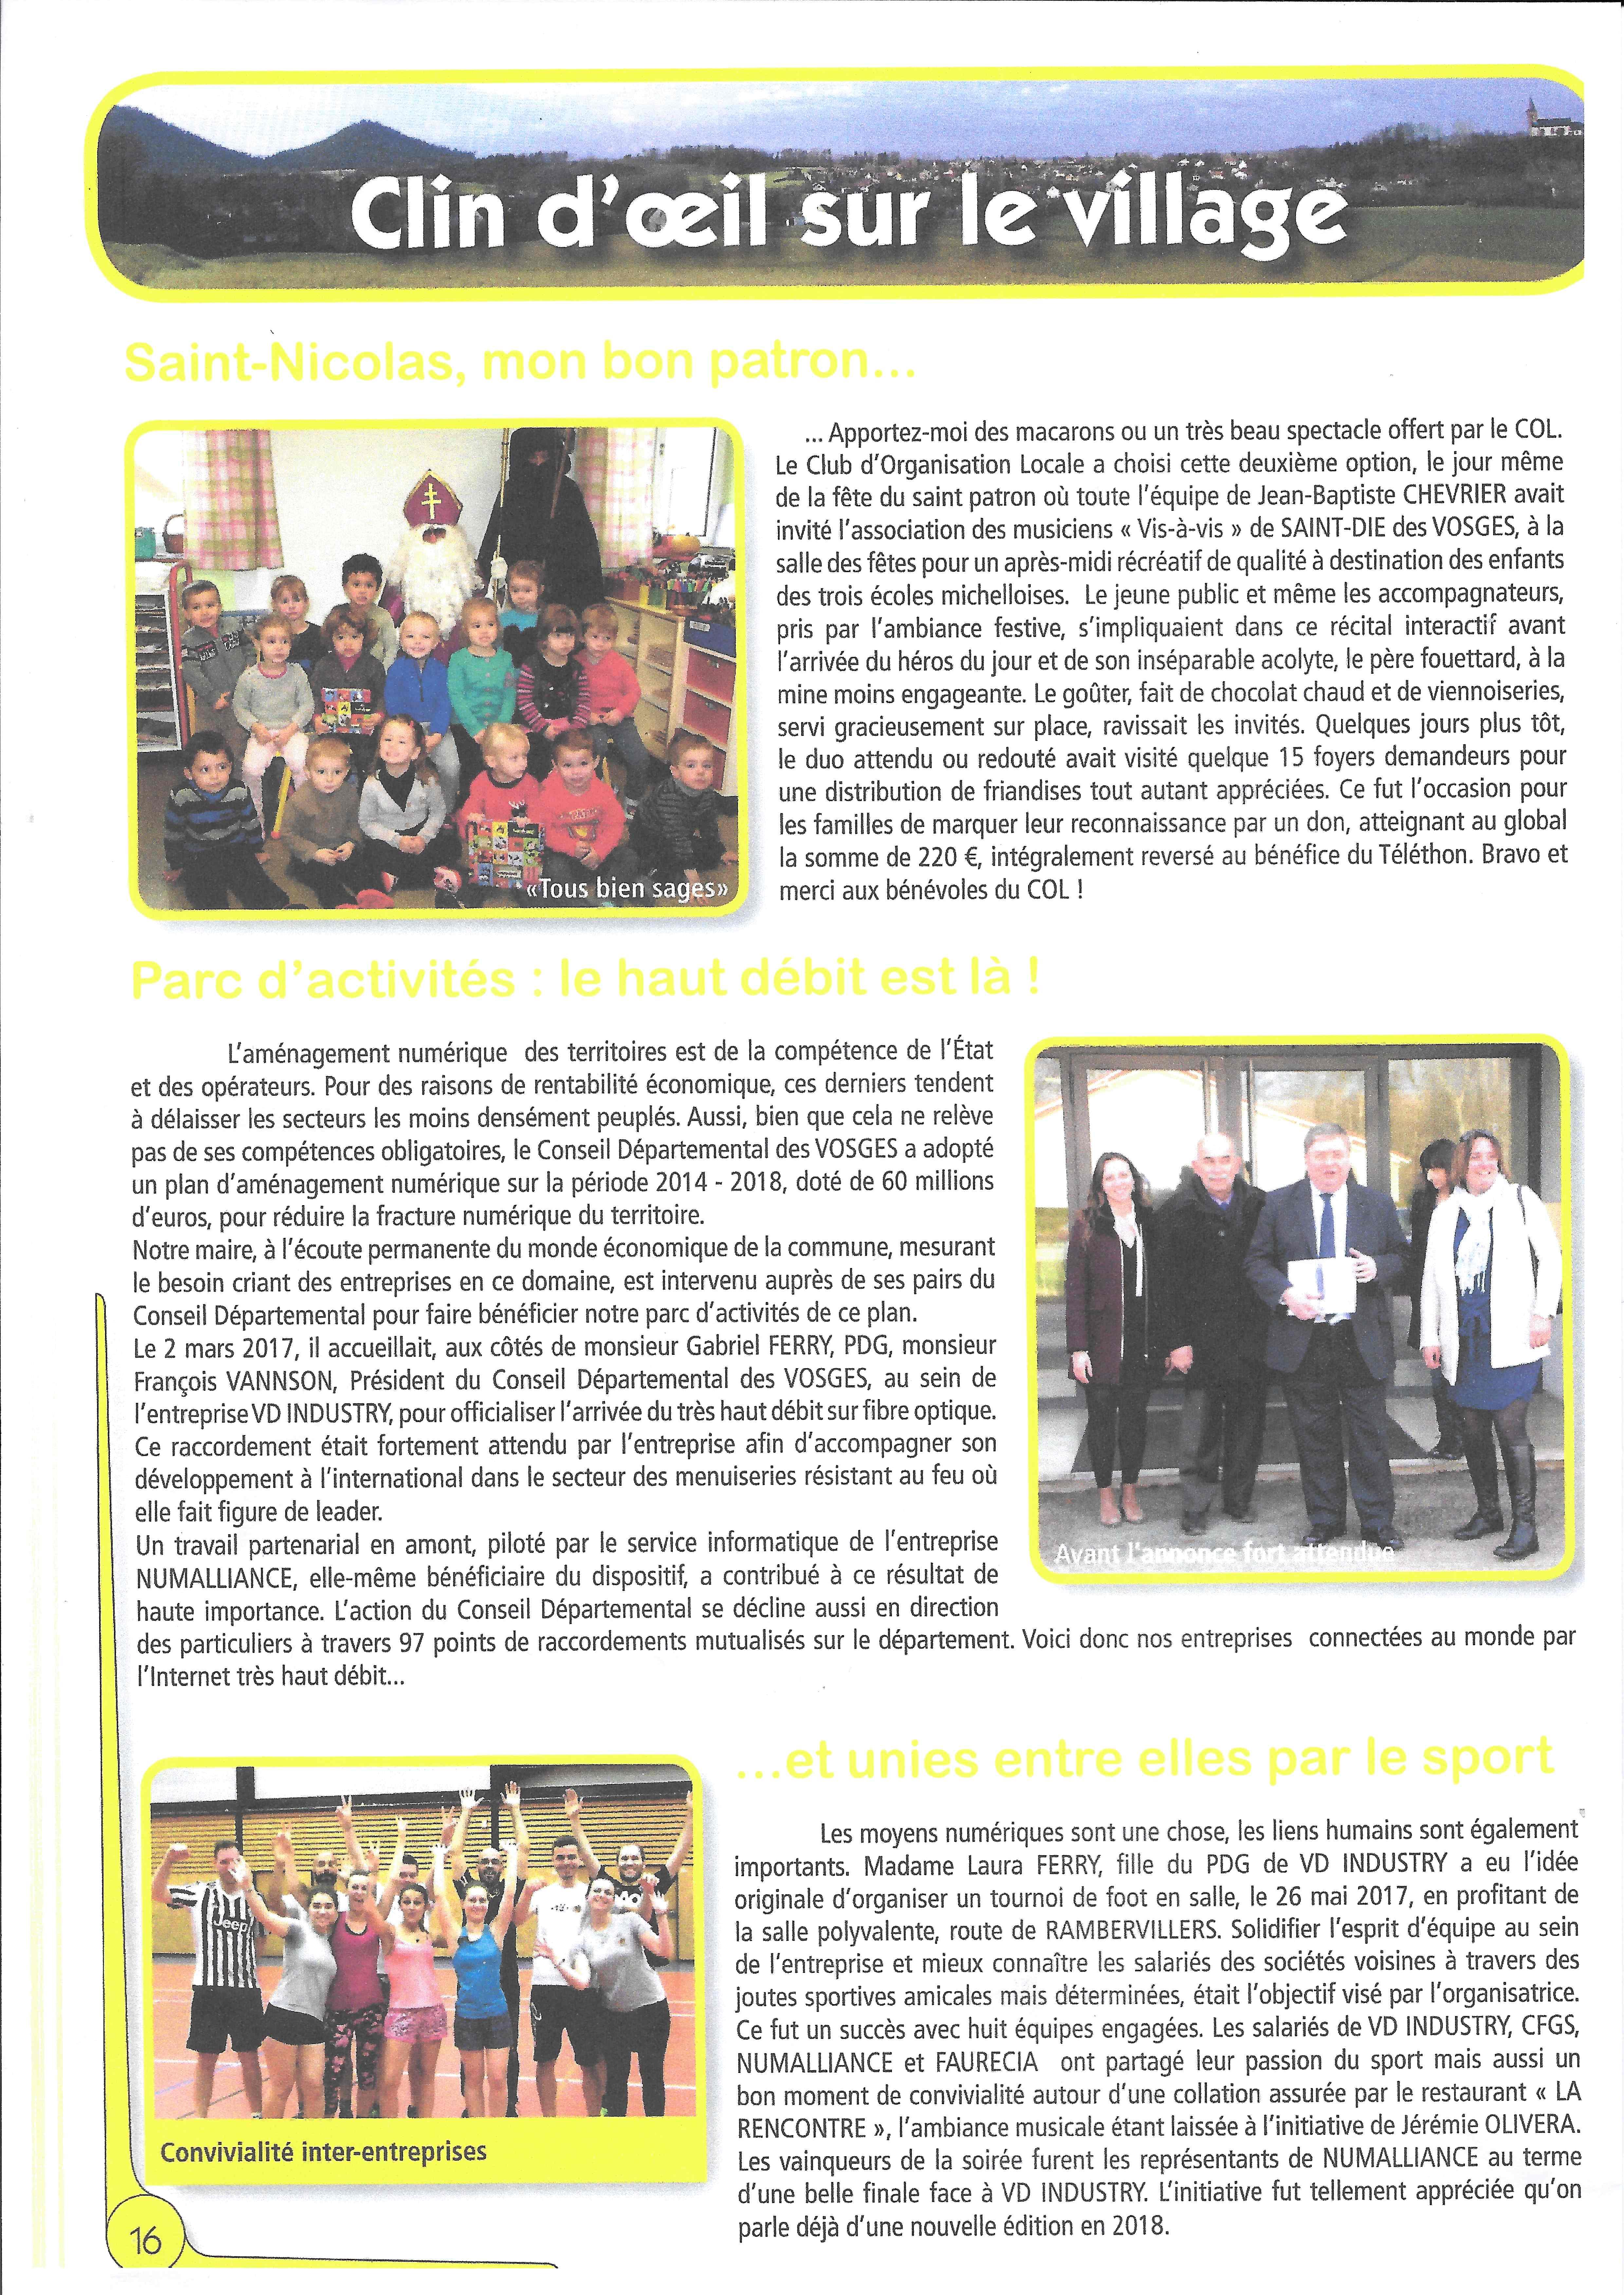 Journal St-Michel-sur-Meurthe - décembre 2017 - bilan 2017